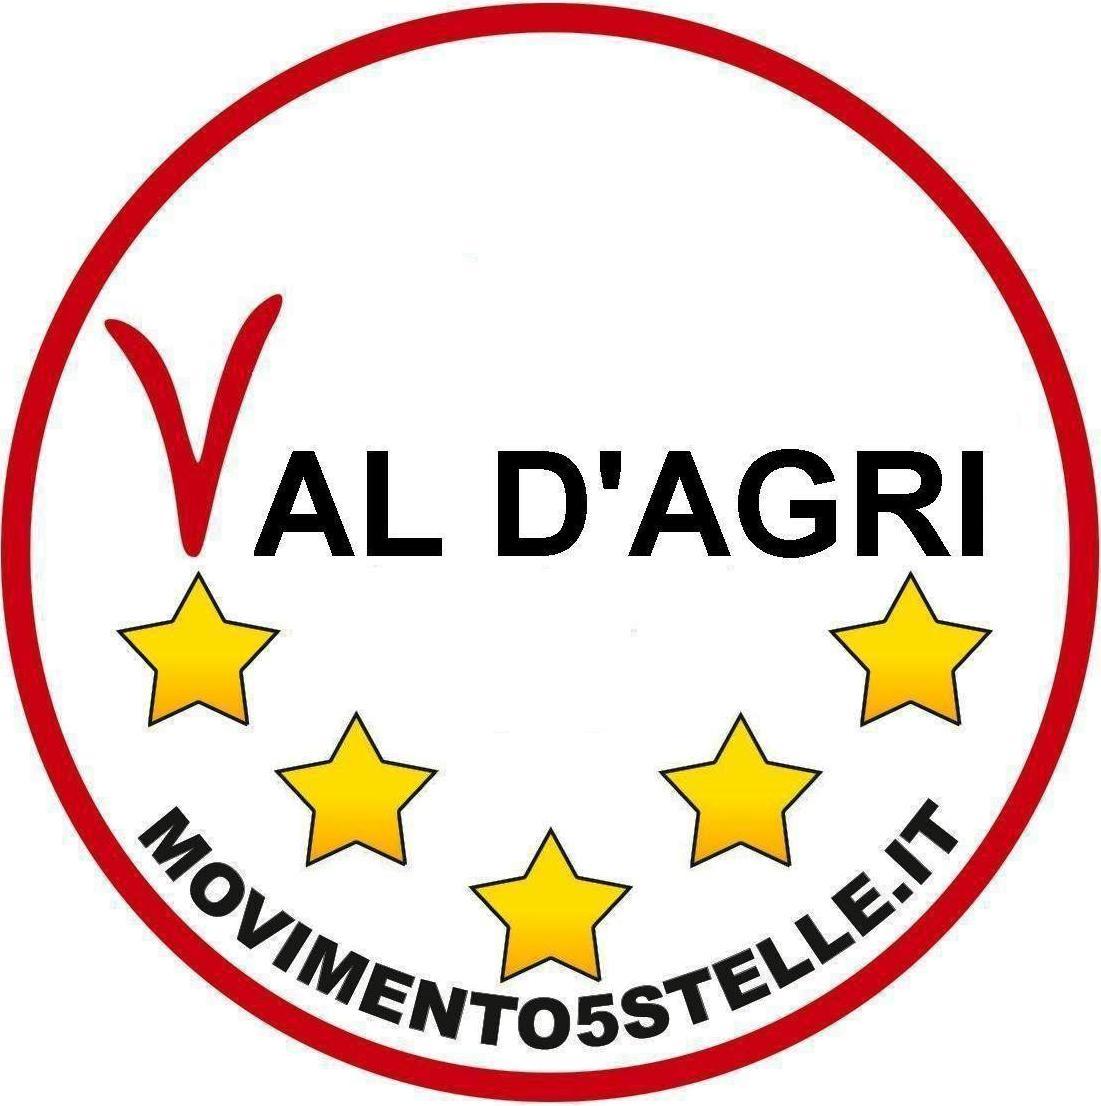 Val D'Agri 5 Stelle